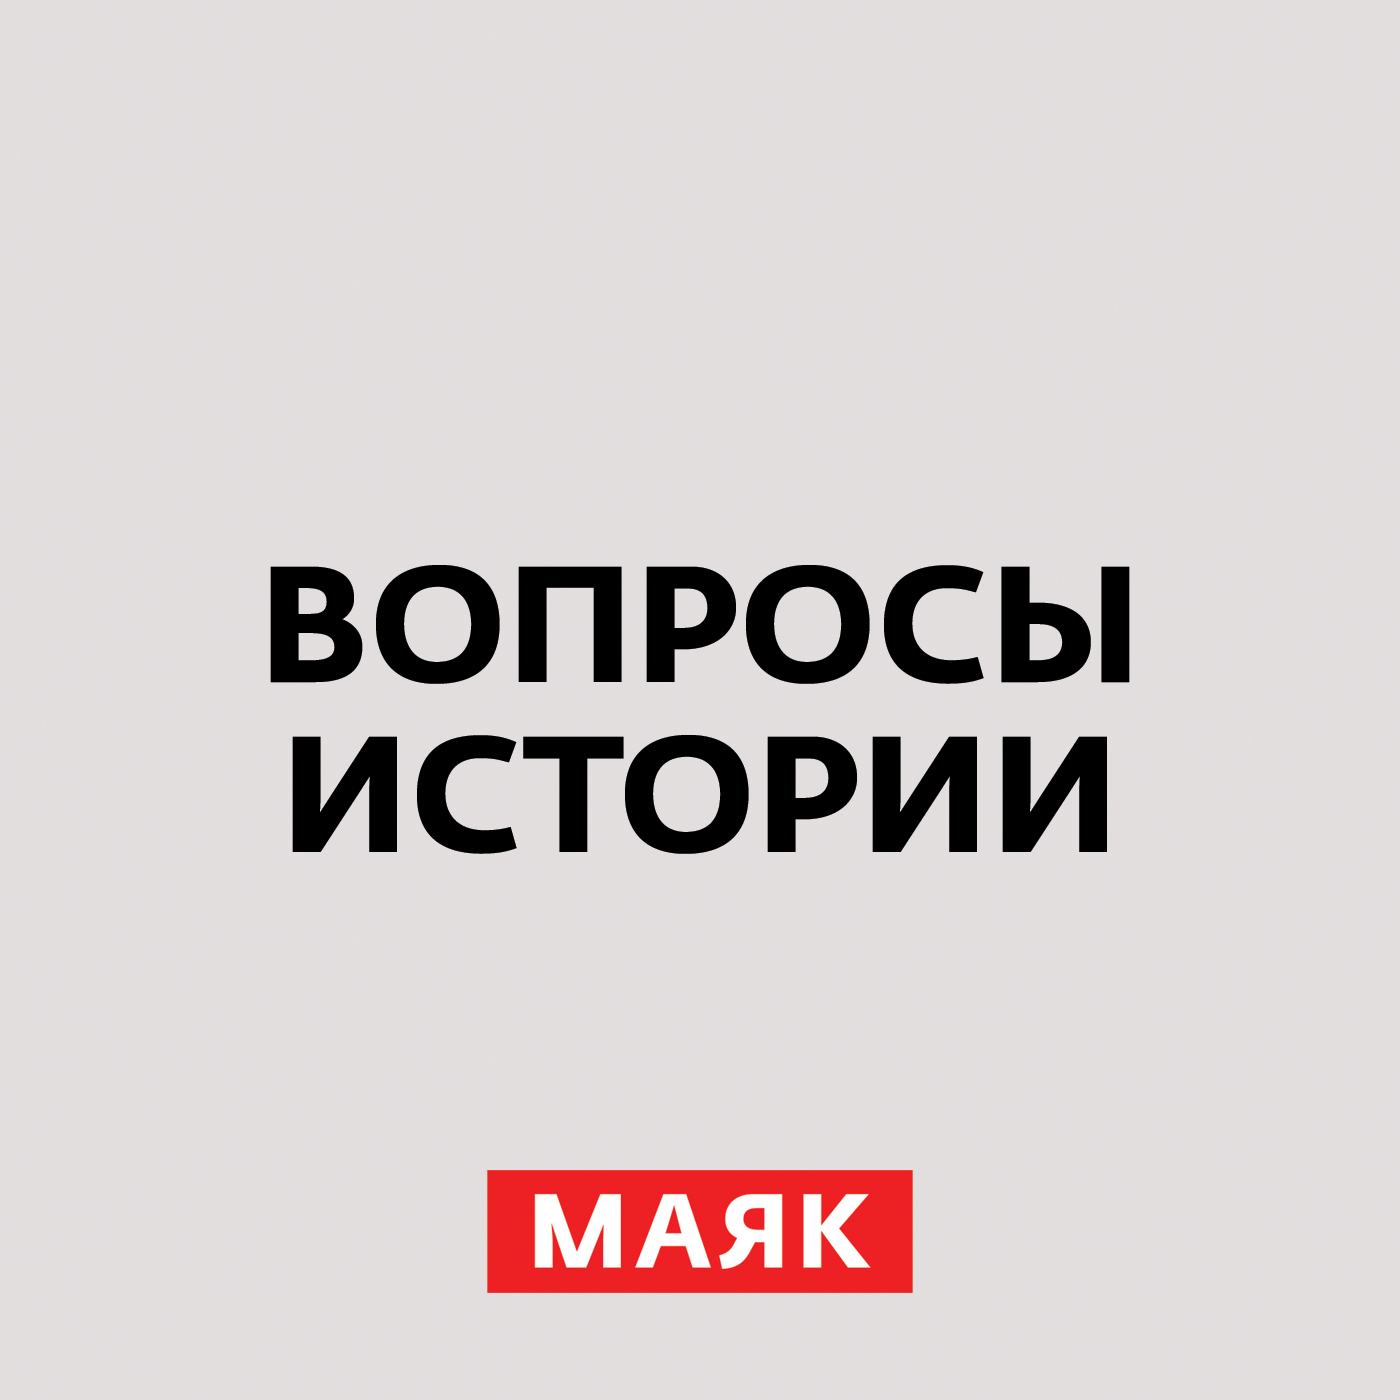 Андрей Светенко Будем жить по Гоголю! тарас шевченко журнал